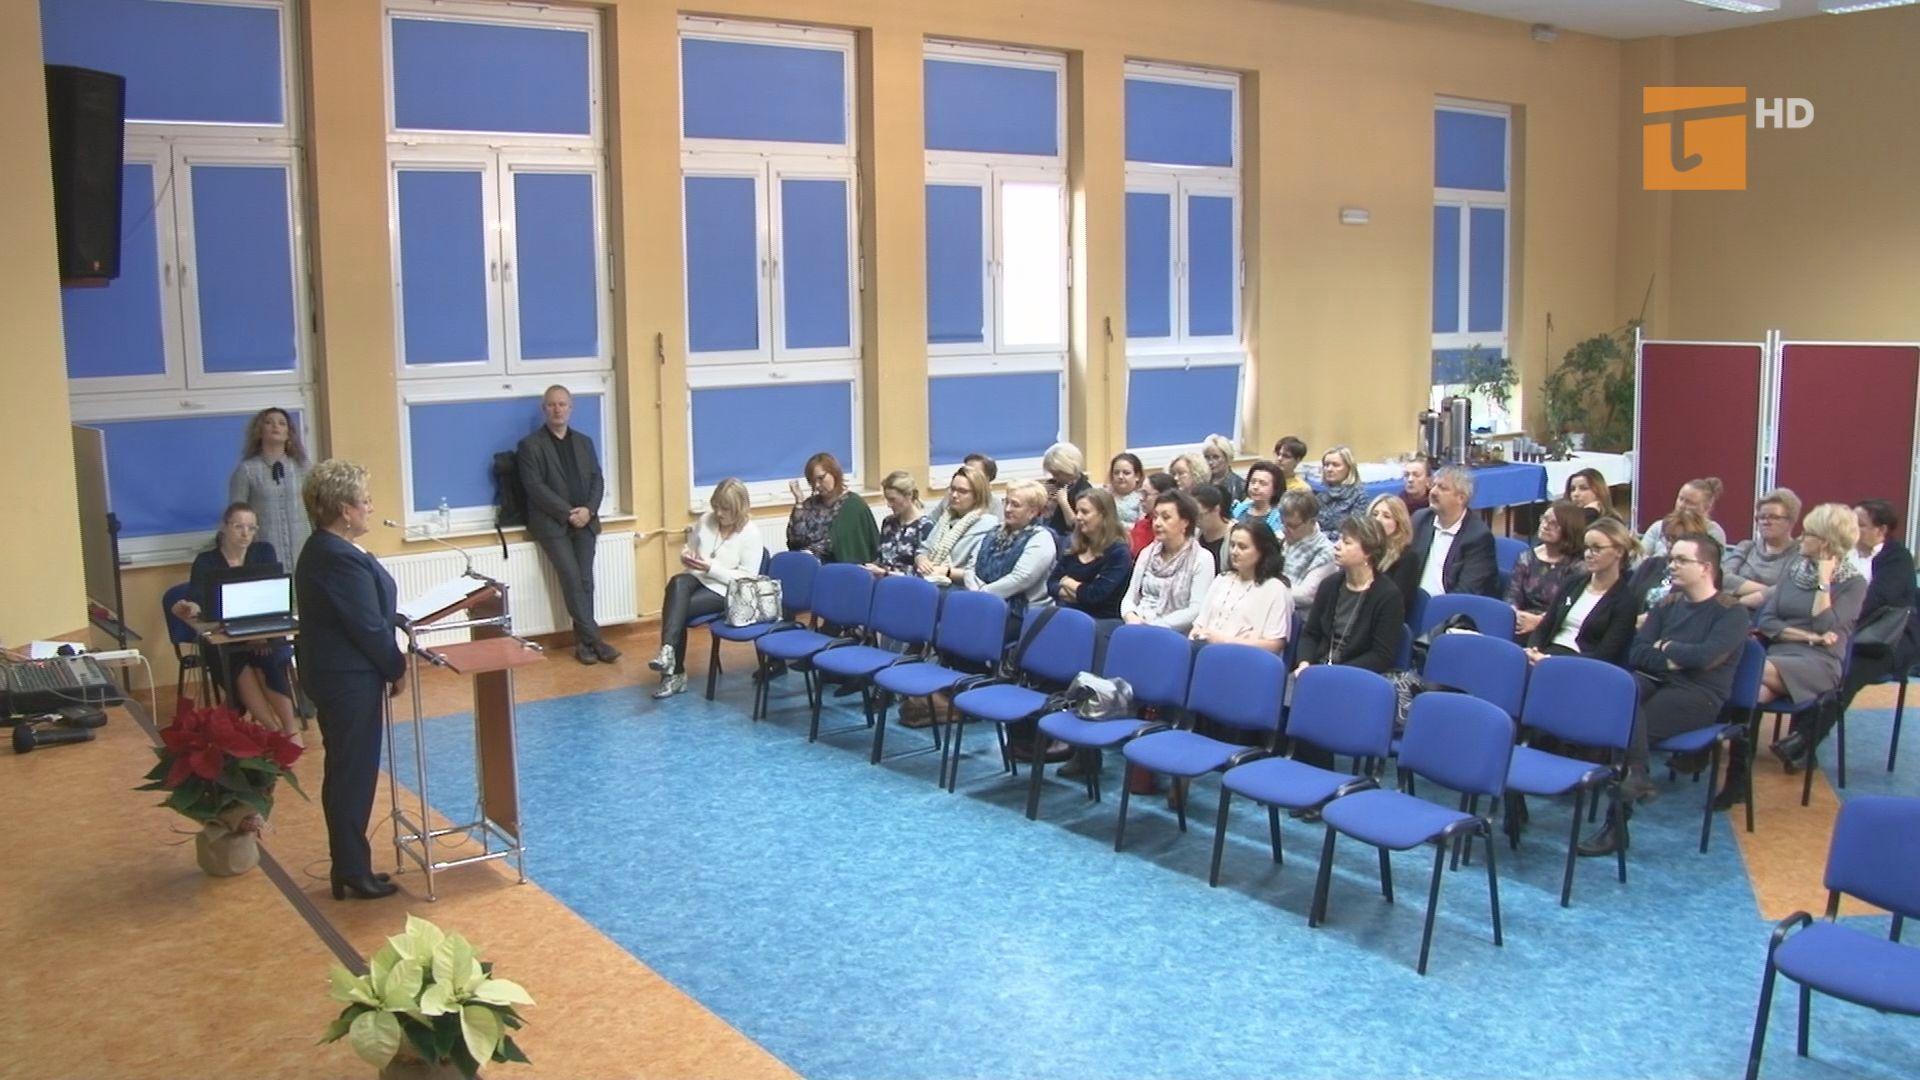 W szkole podstawowej nr 1 zorganizowano spotkanie na temat przeciwdziałania przemocy wobec dzieci